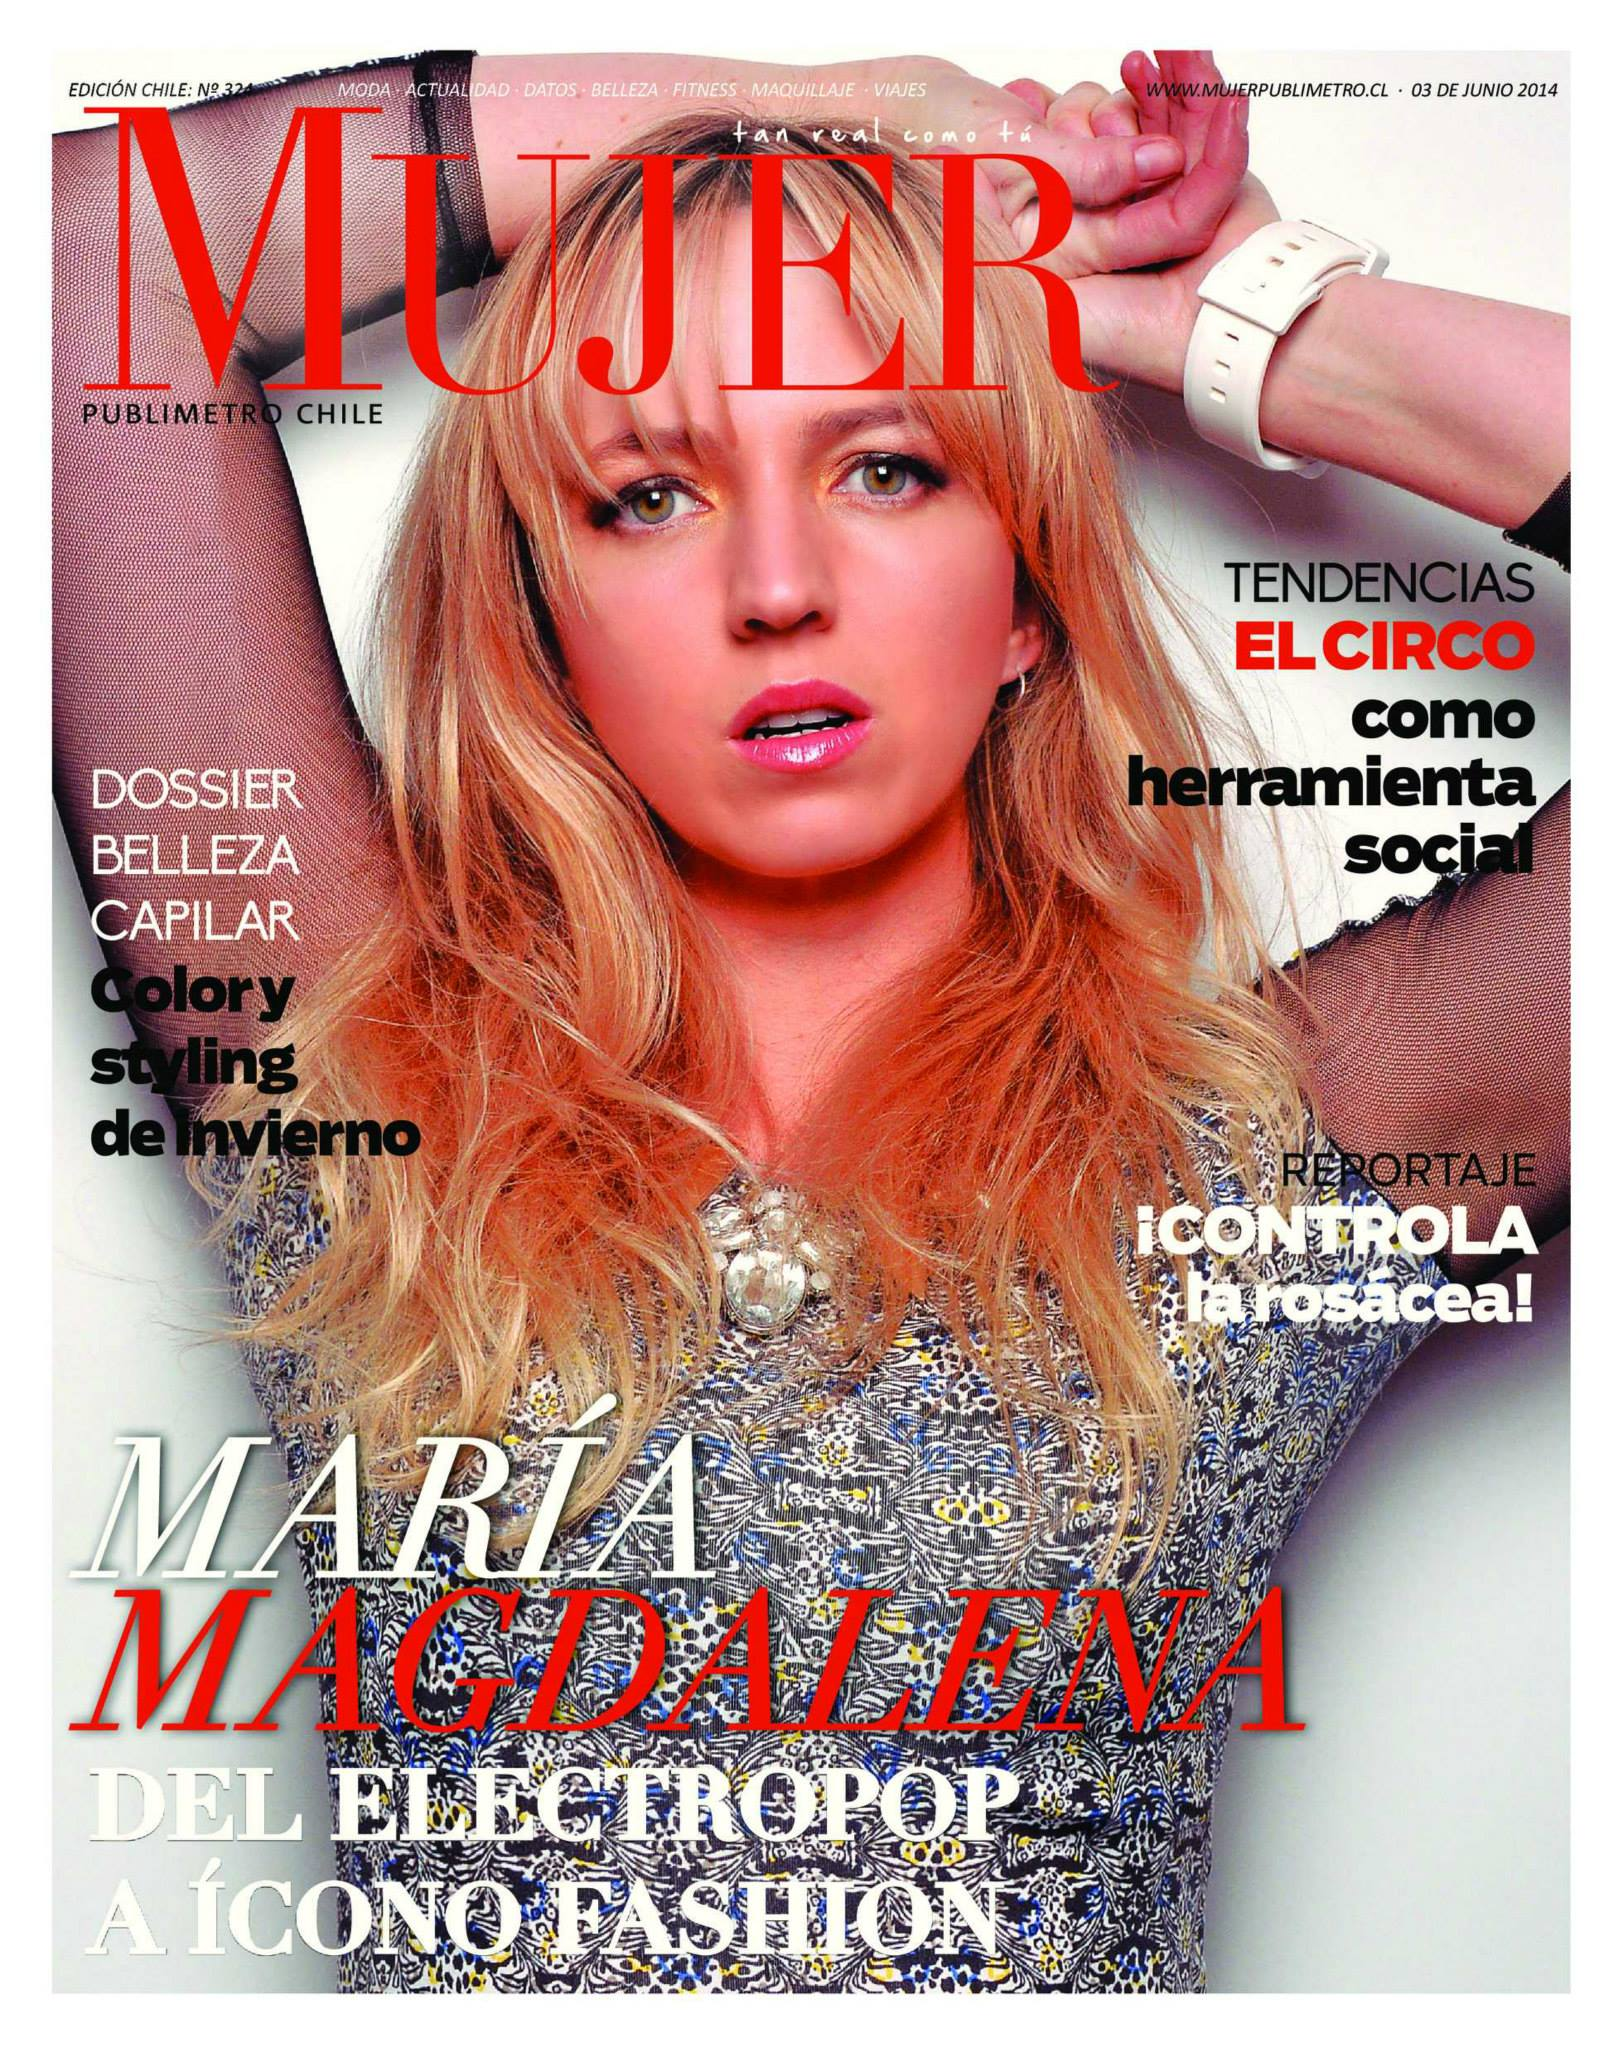 Revista Mujer Publimentro